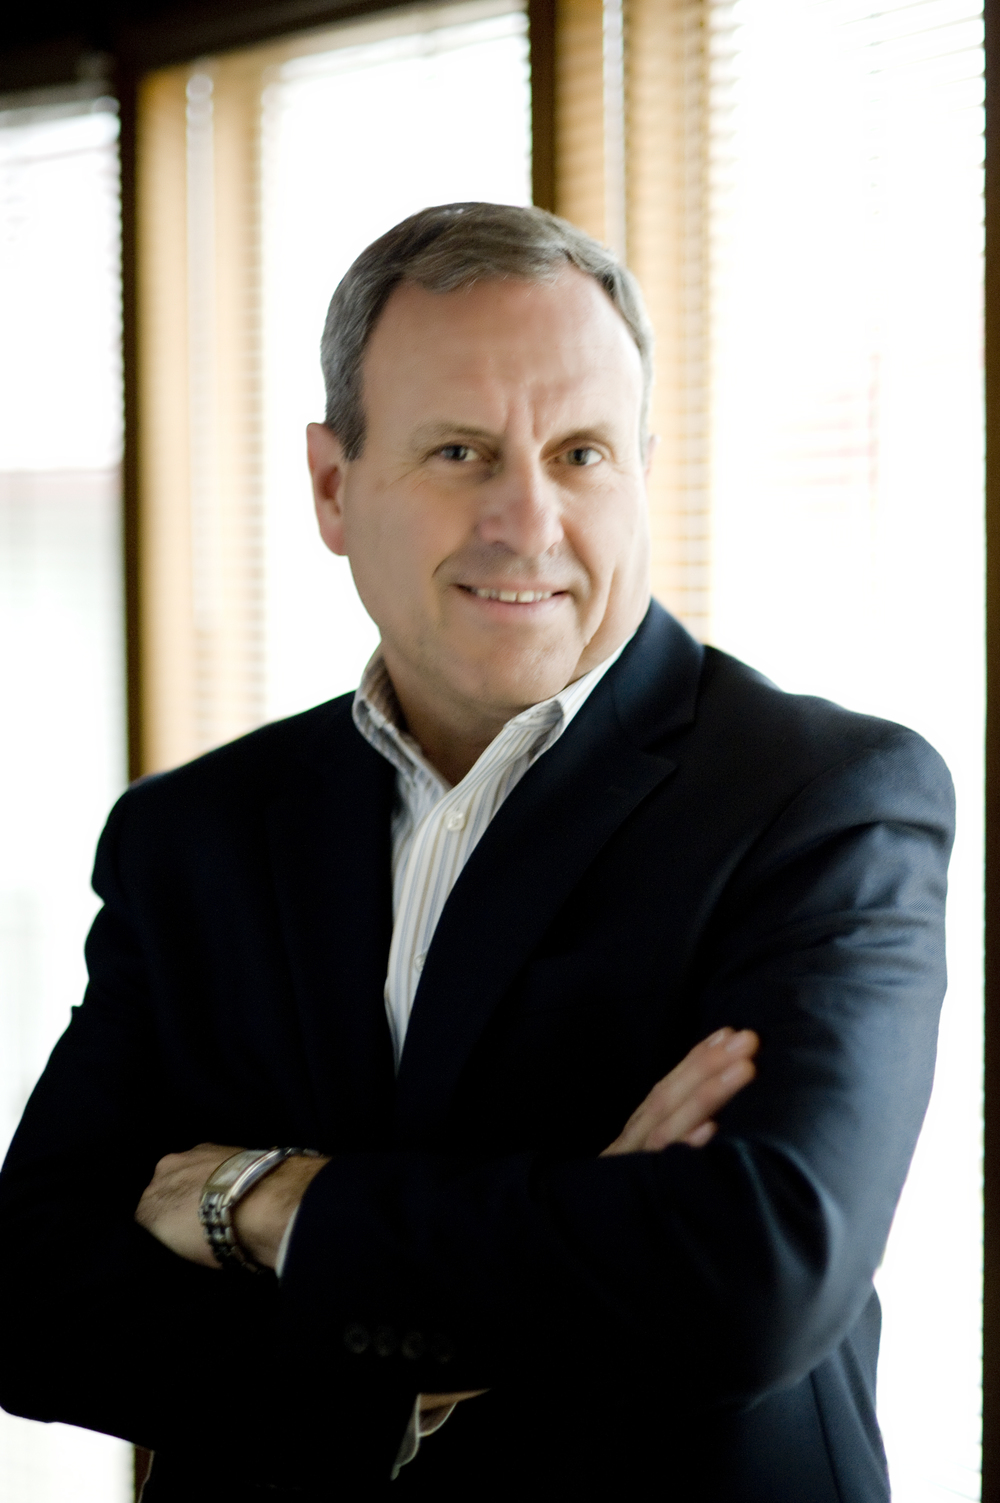 Bert Doerhoff, CPA